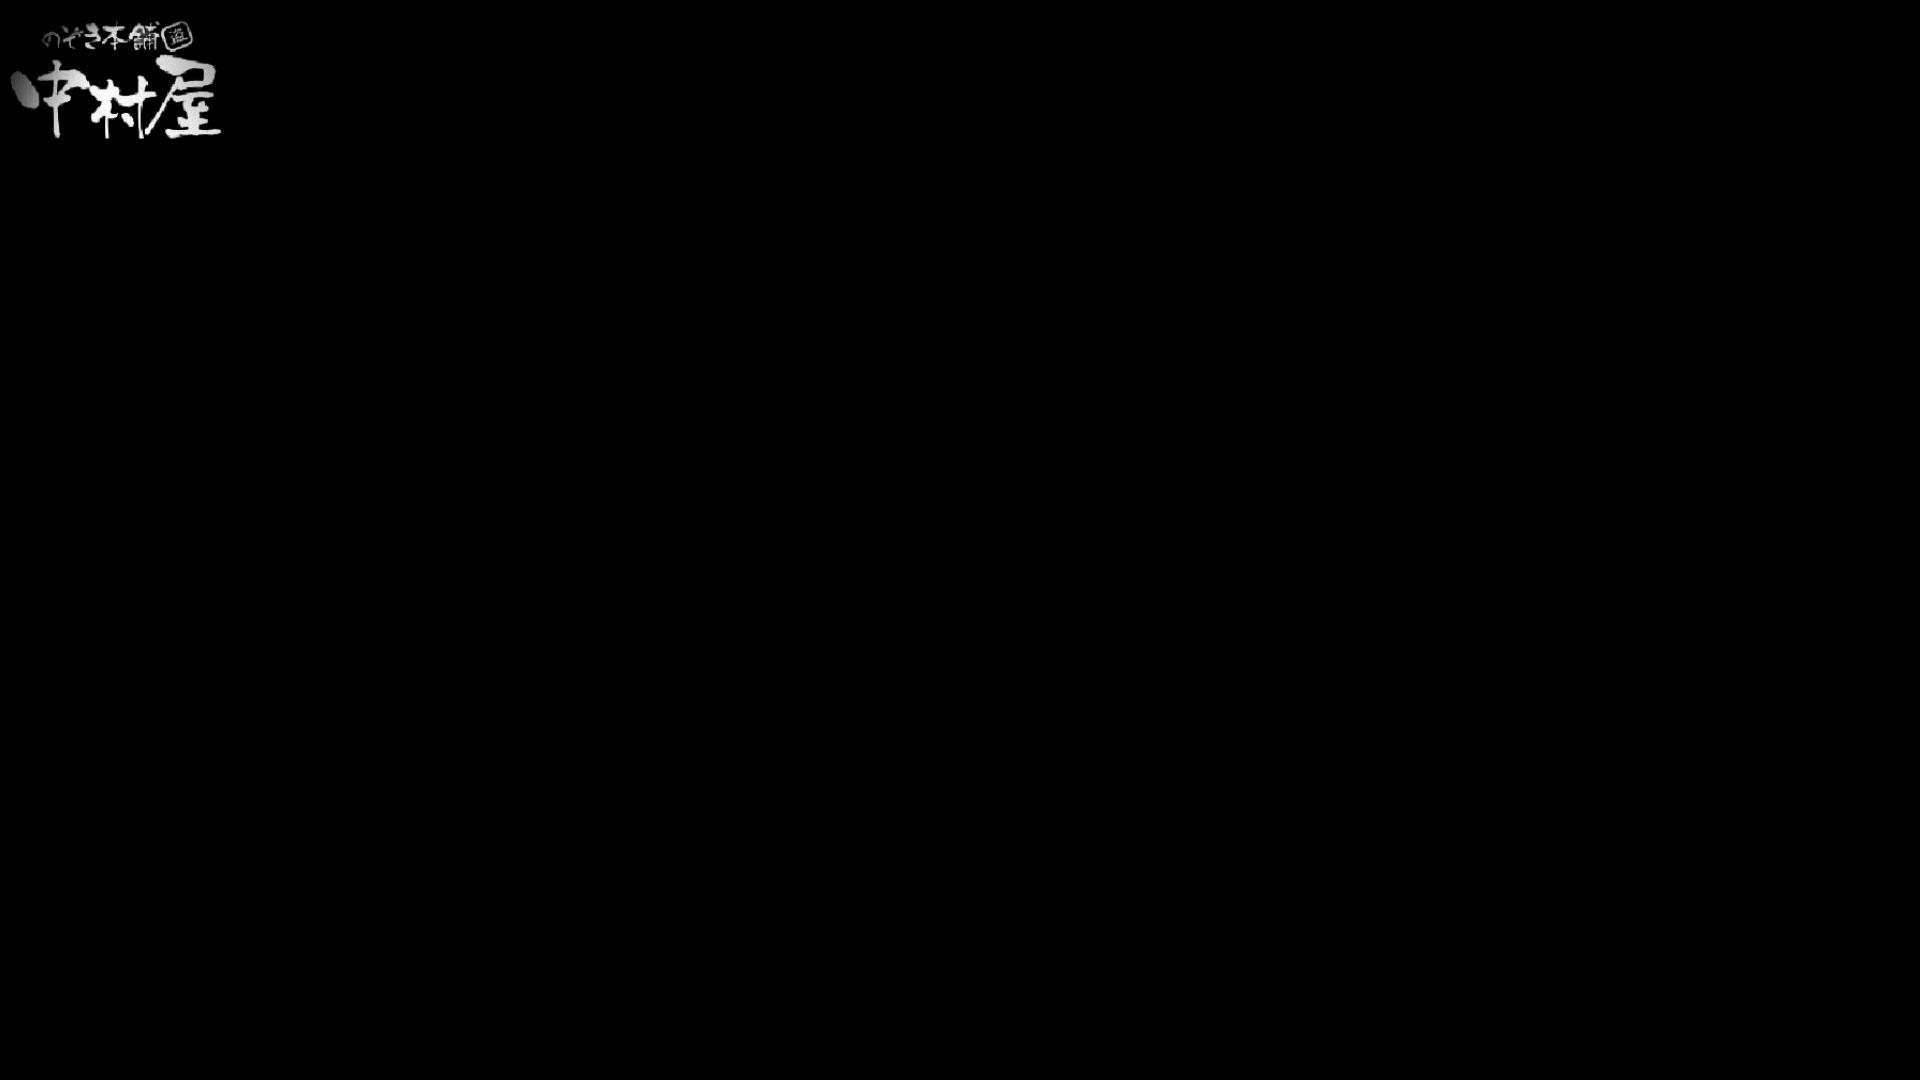 雅さんが厳選新年特別コンテンツ!激走!激走!東京マラソン選手専用女子トイレvol.6 女子トイレ編  104PIX 25